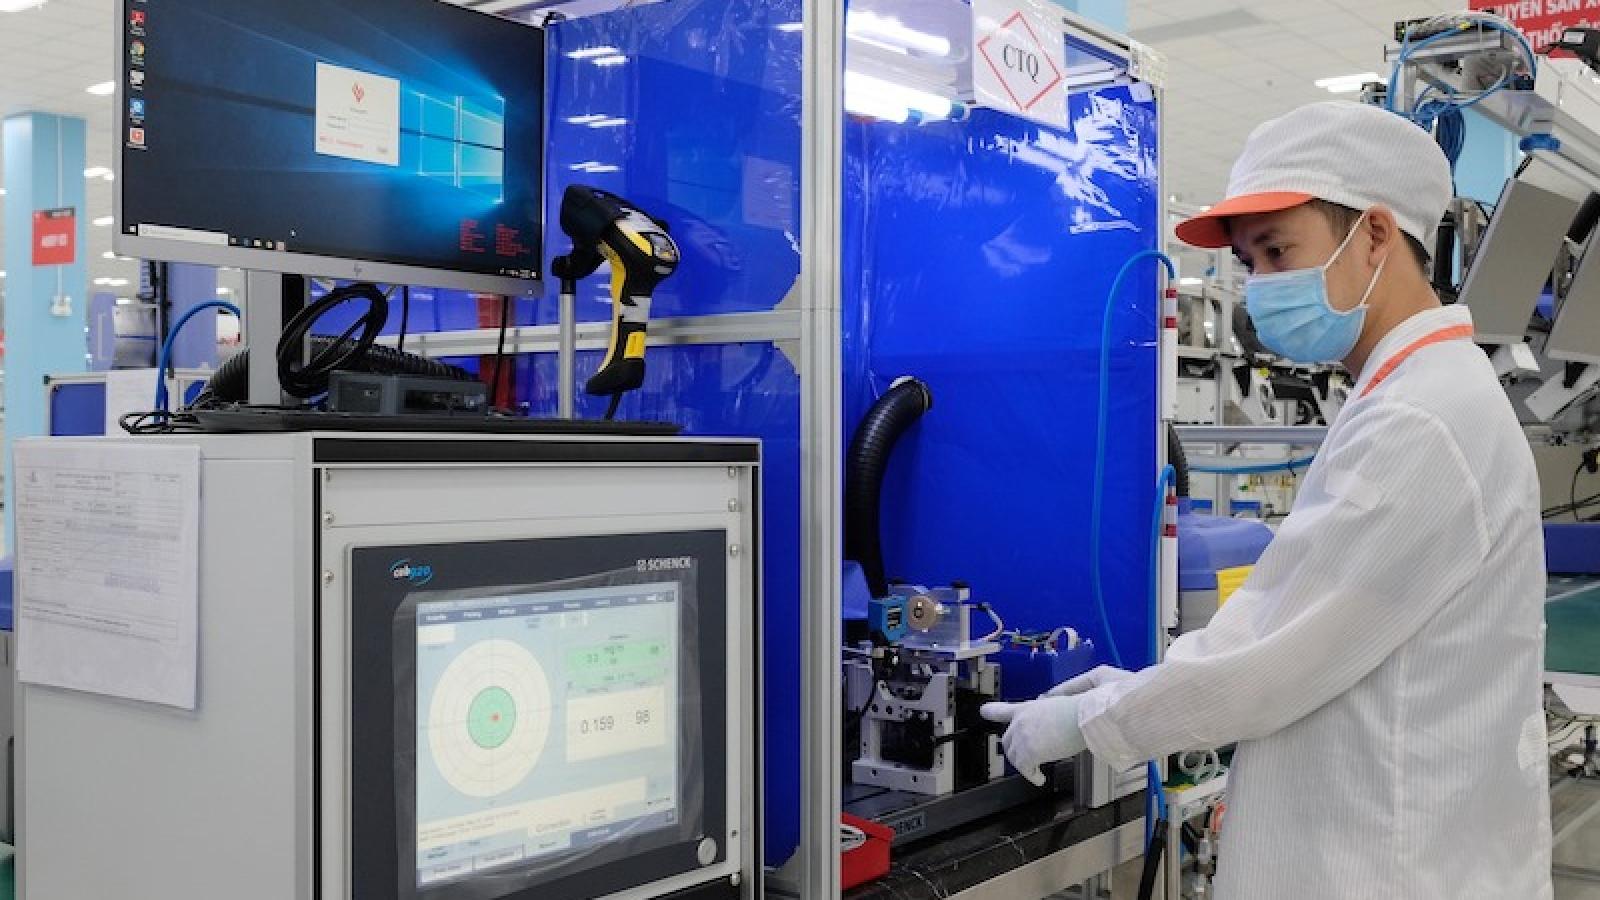 Chi phí sản xuất linh kiện của Việt Nam cao gấp 2-3 lần các nước khu vực